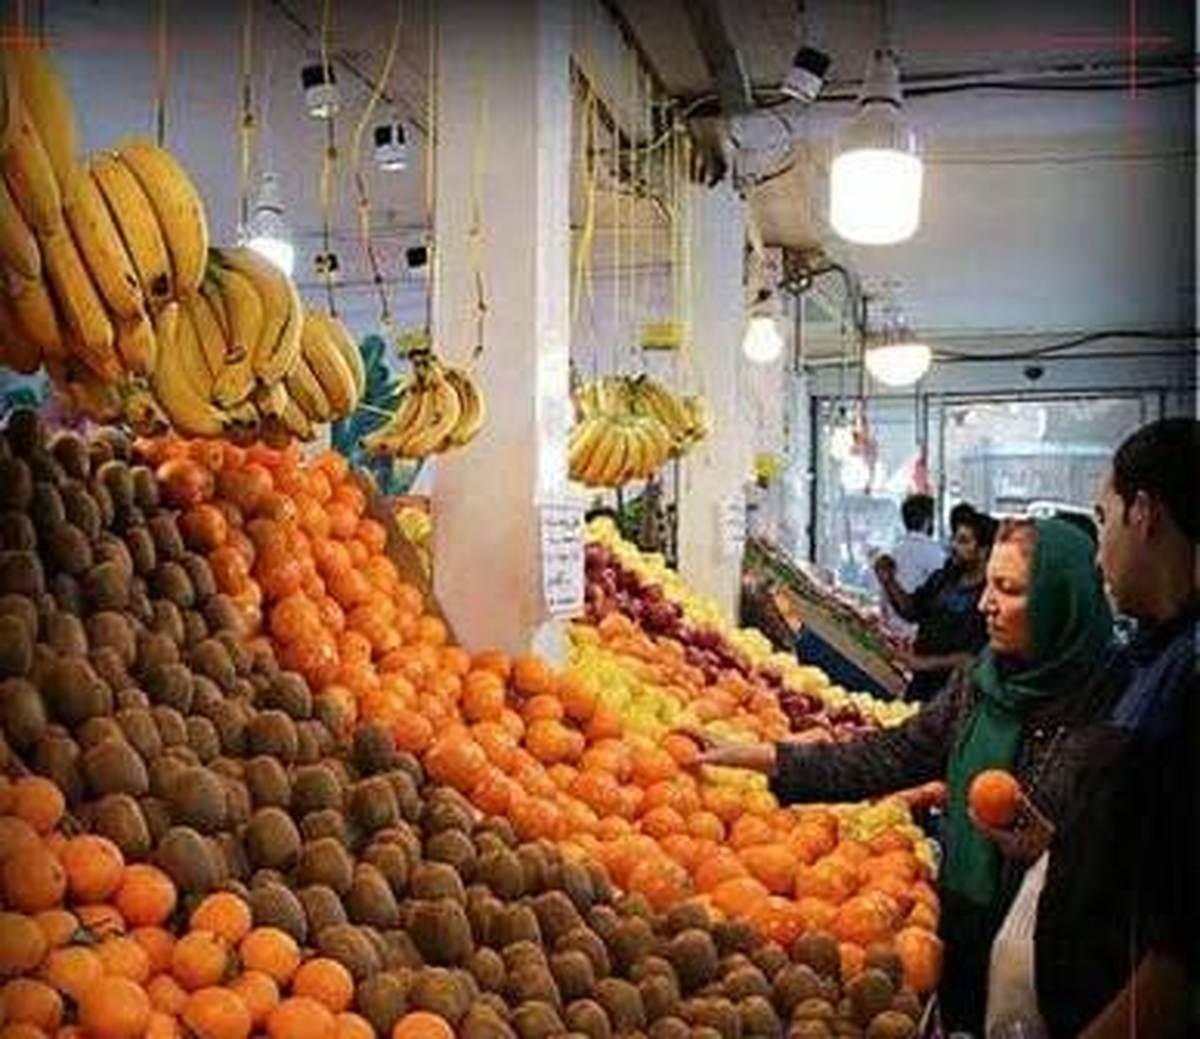 قیمت های باورنکردنی میوه| قیمت انواع میوه، نارنگی 55 هزارتومان!